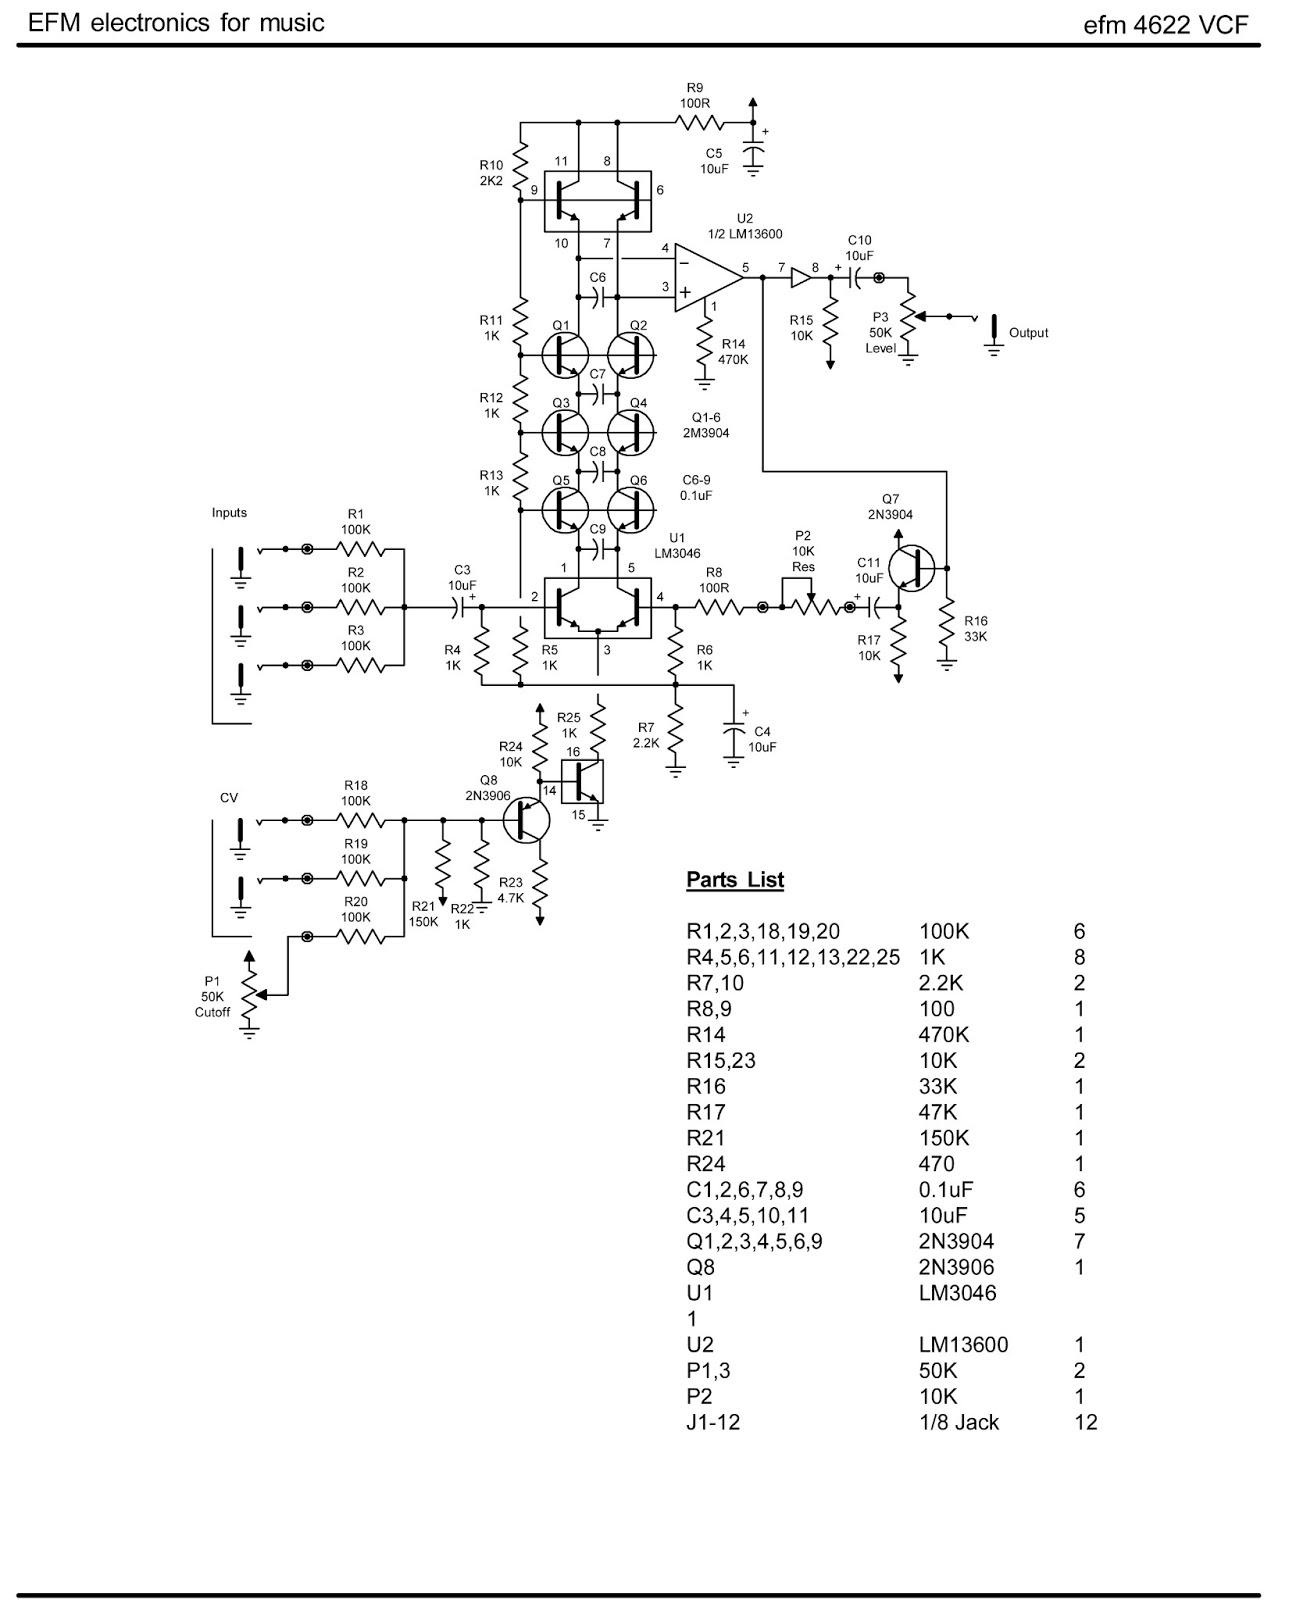 moog taurus schematics 2 wiring diagram roger mayer schematics moog taurus schematics 2 #7